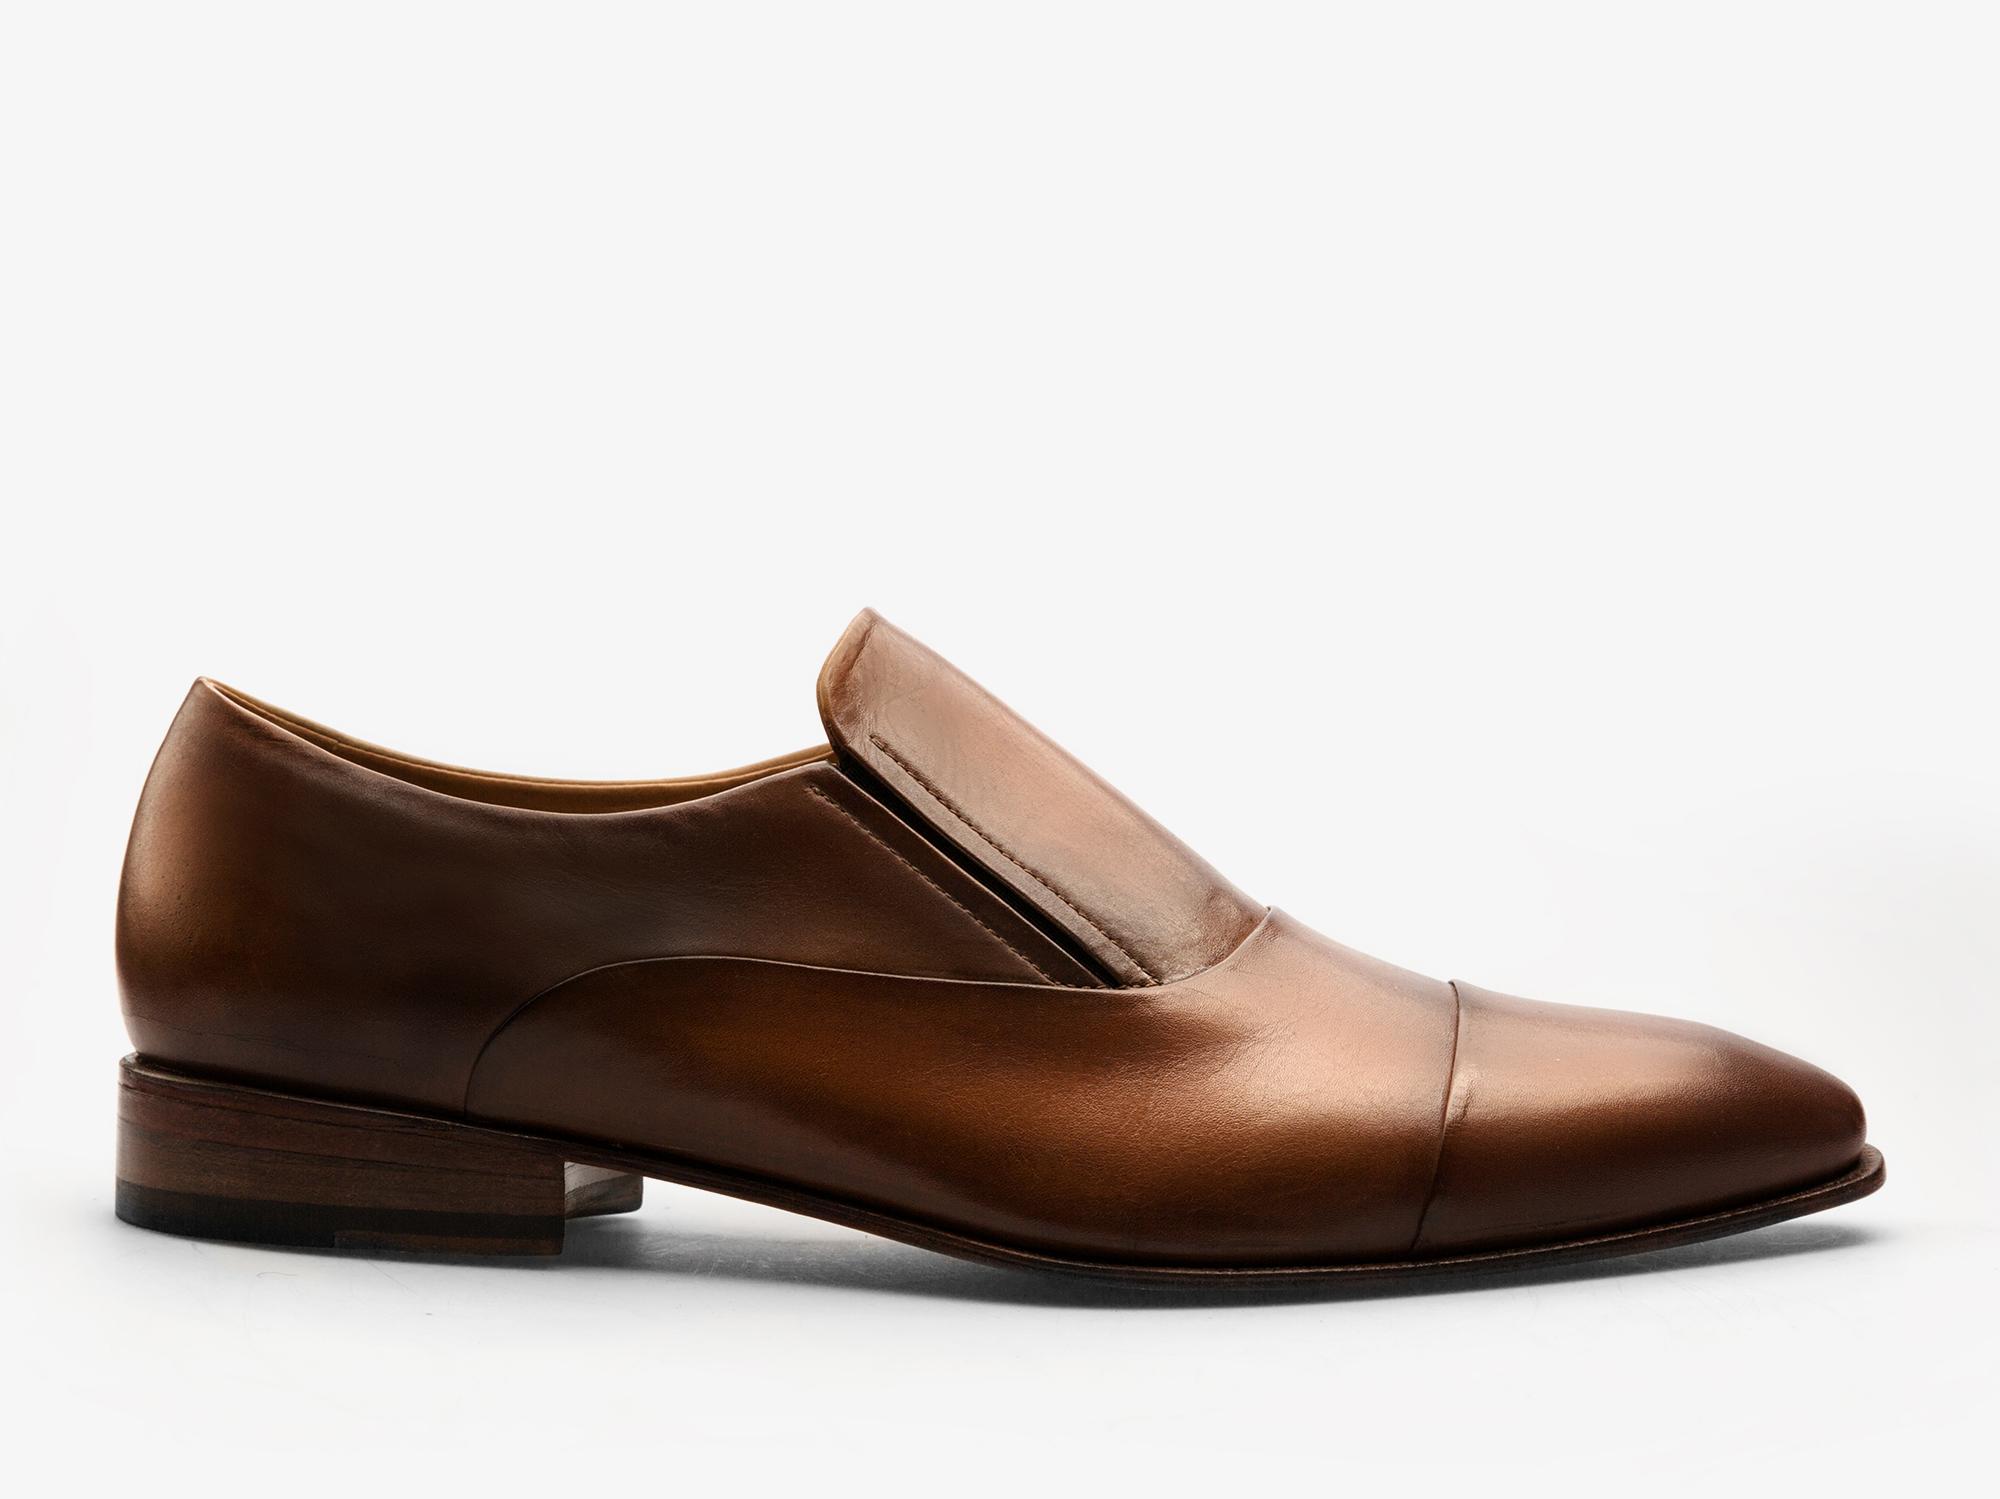 190) Кожаные оксфорды без шнуровки из кожи телёнка